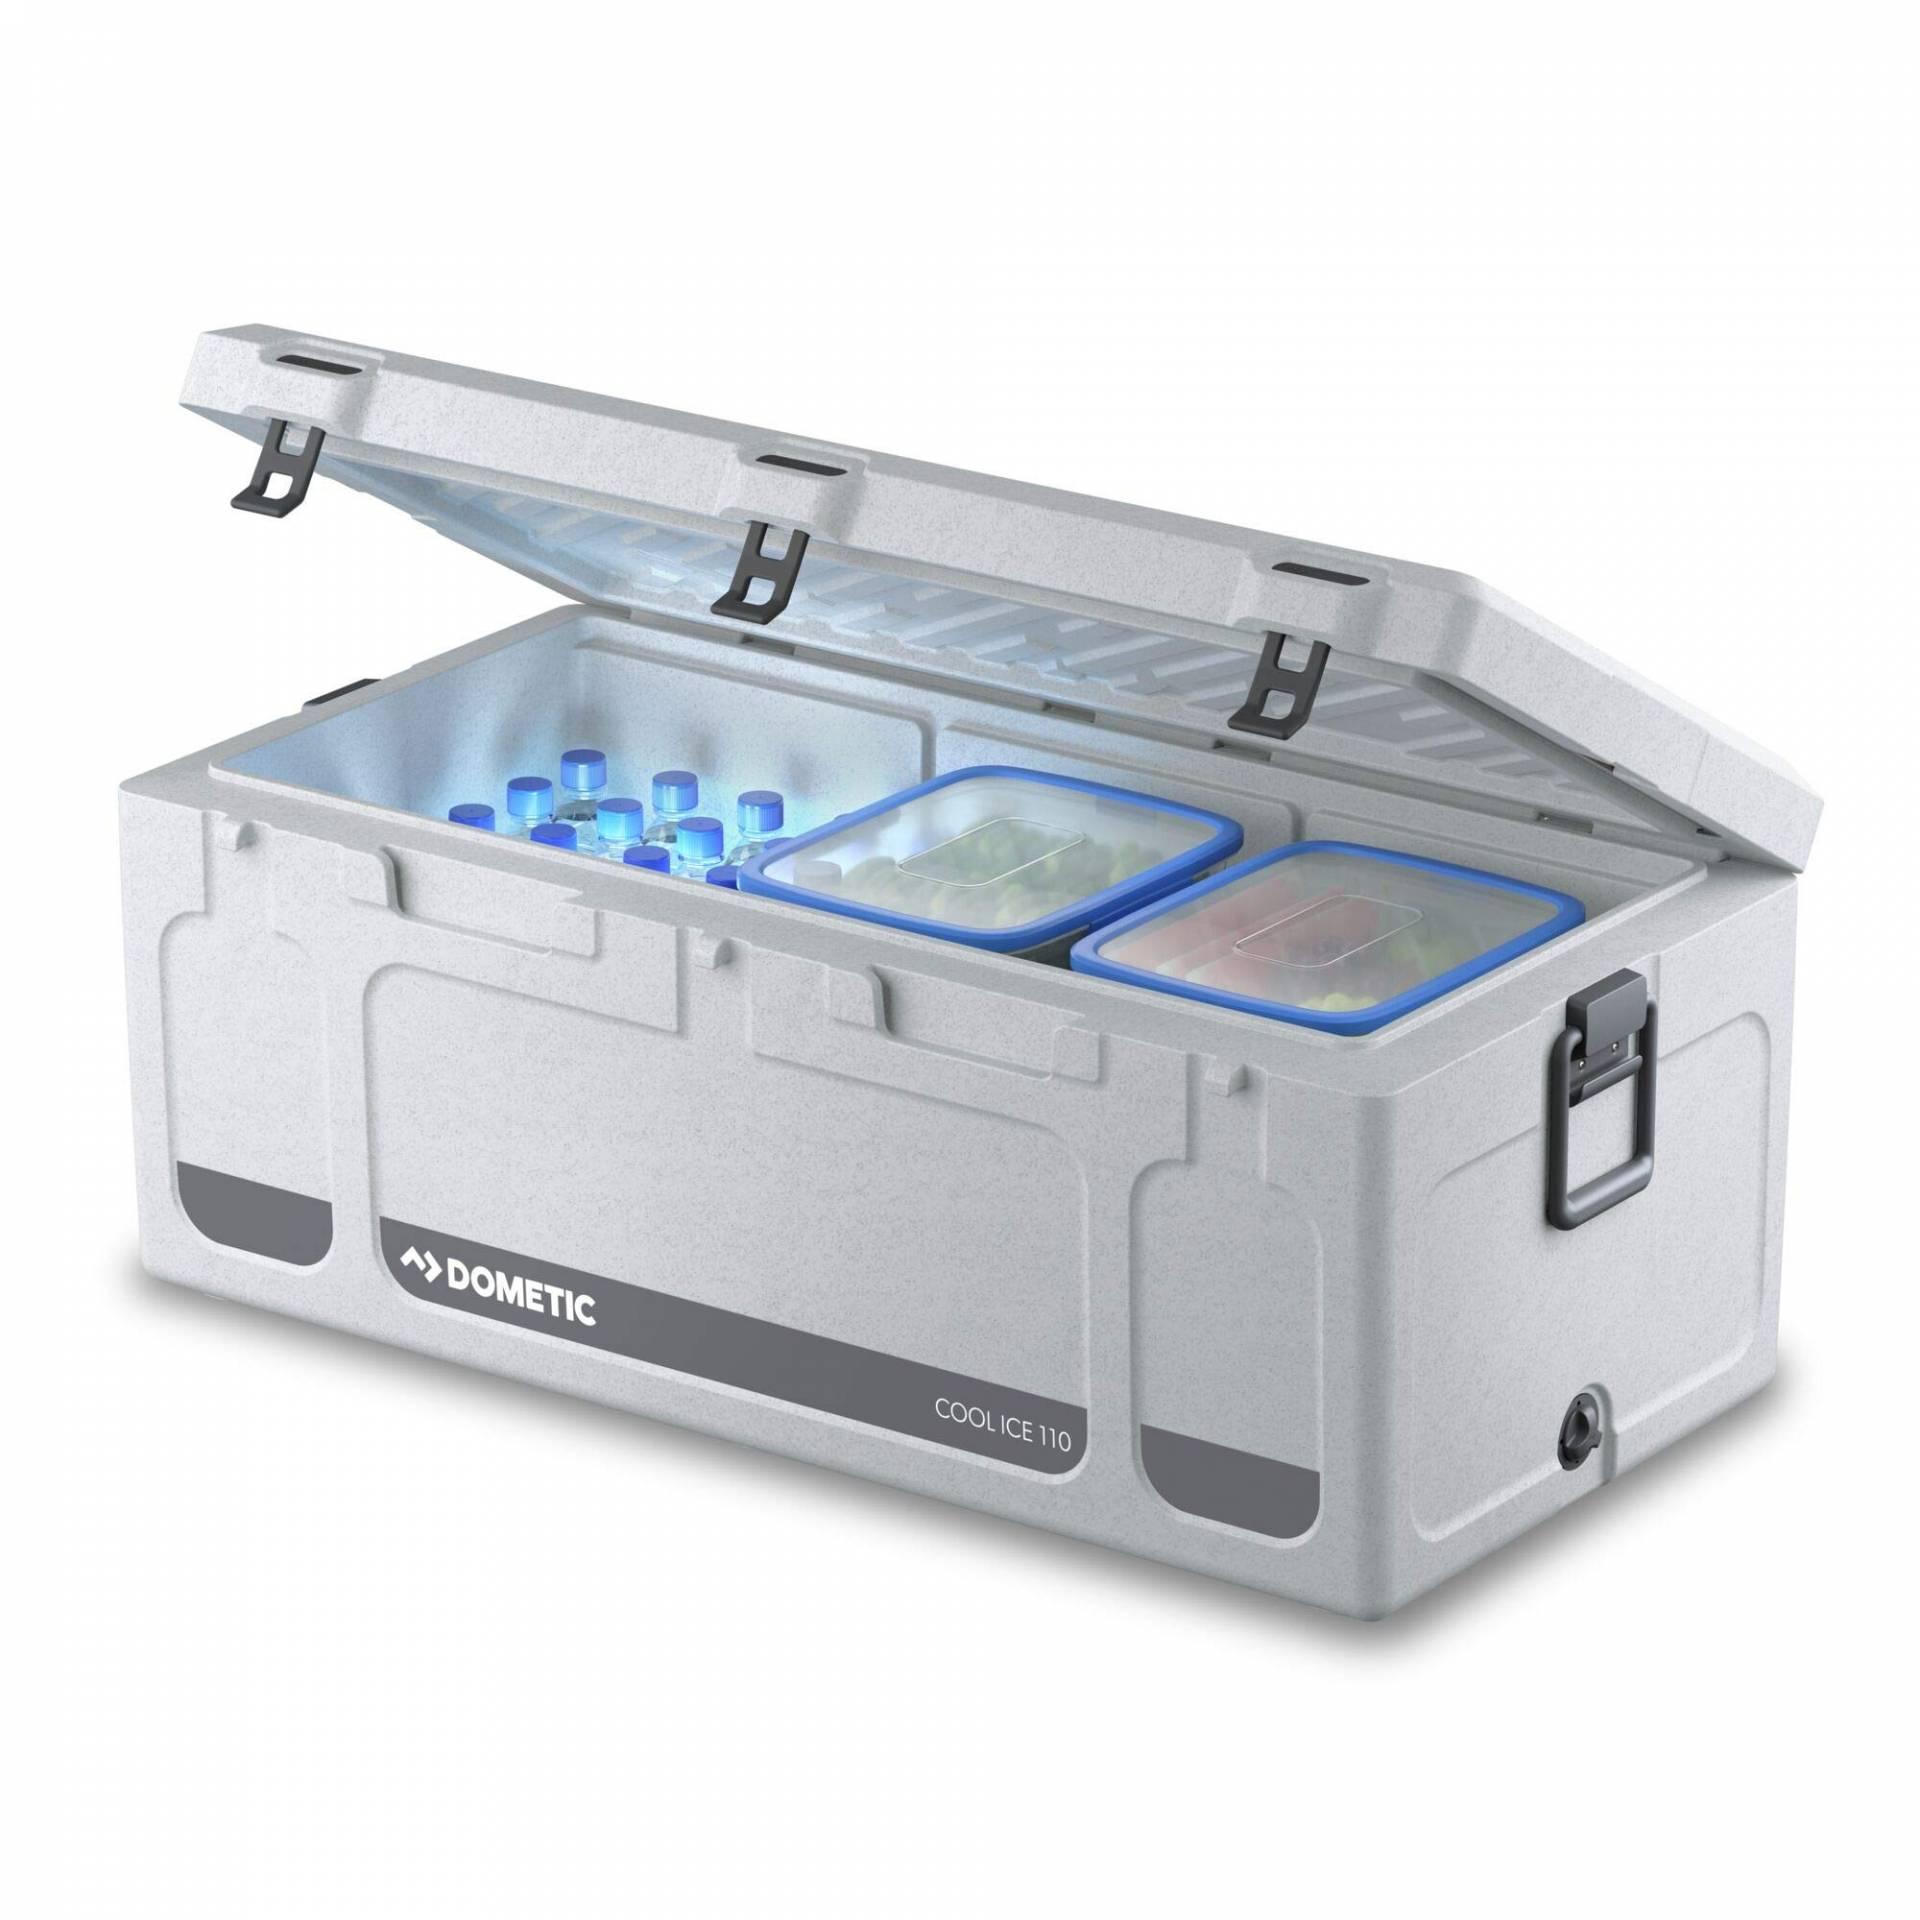 Dometic Mini Kühlschrank : Kühlschränke von dometic anbieter finden und preise vergleichen